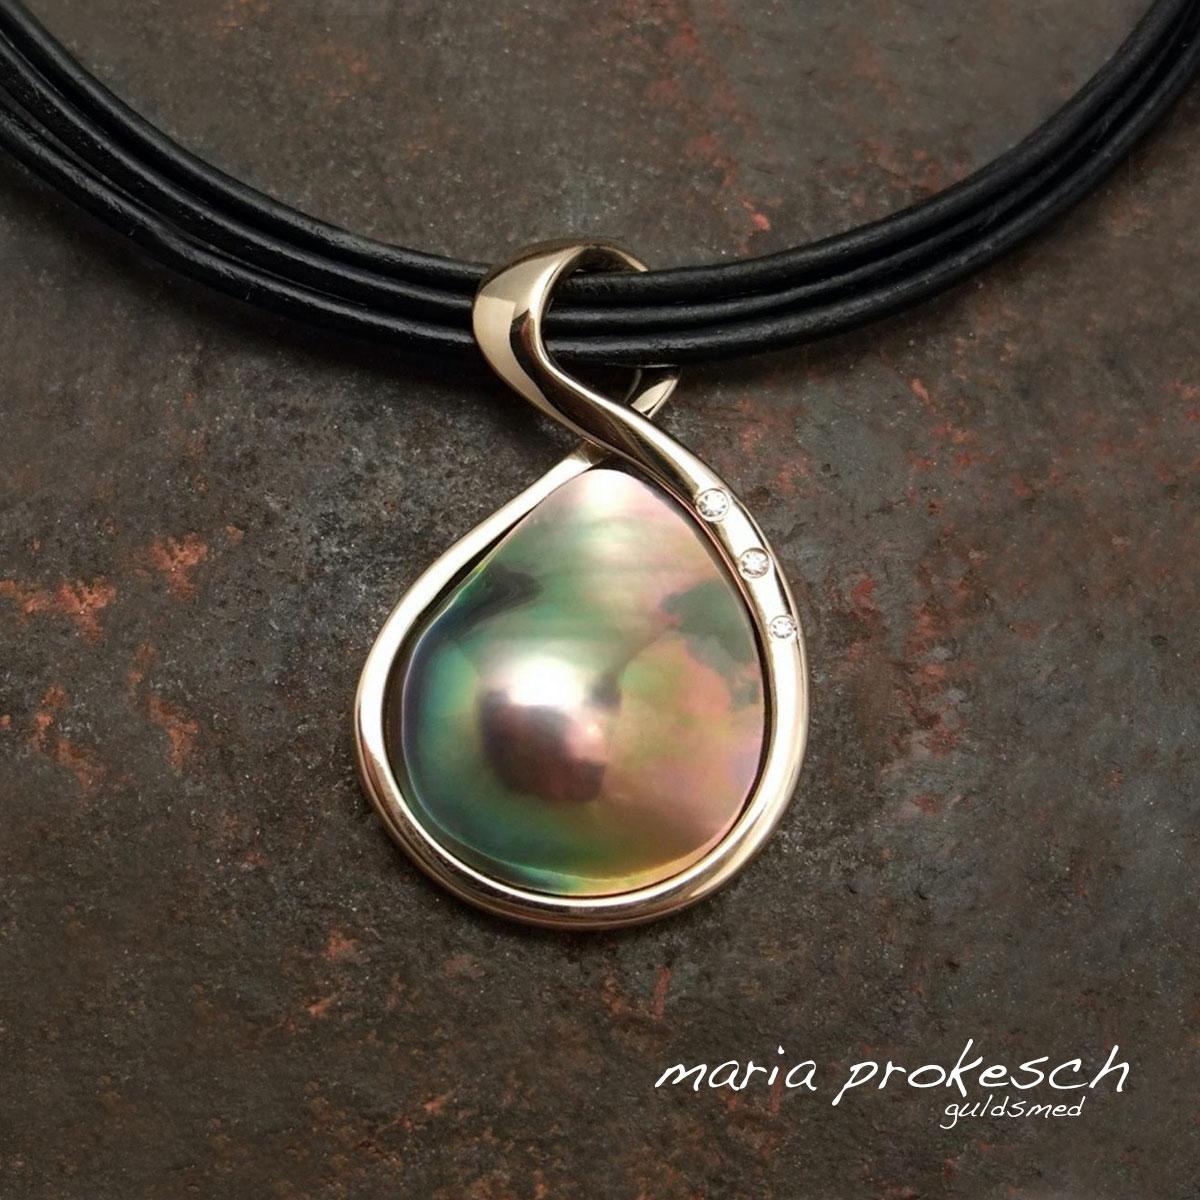 Enkelt guldvedhæng med farverig cortez mabe perle. Et anderledes design med elegant guldindfatning og brillante